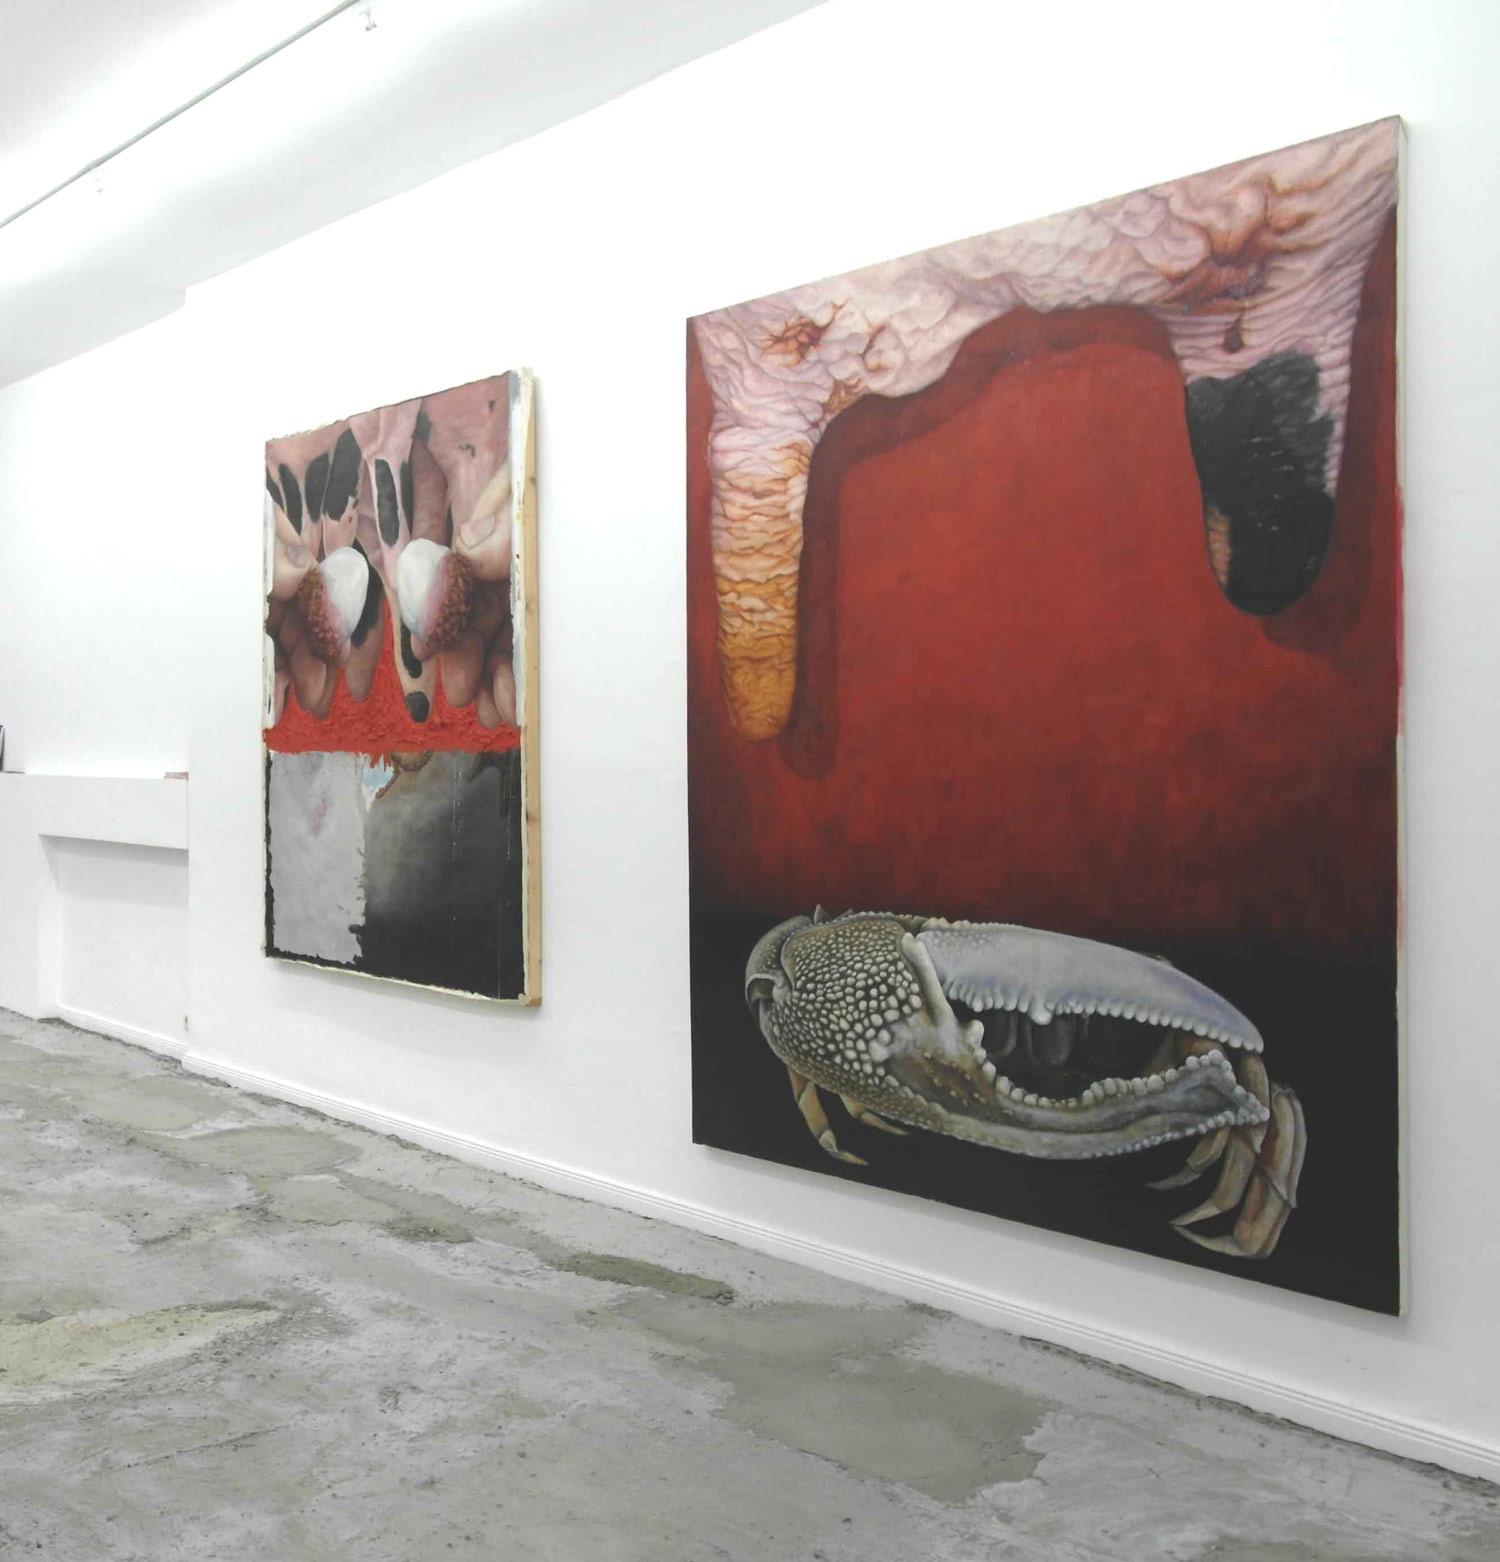 Installationsansicht, Laura Link, 7tueren Galerie, Gut Vom Verhalten her, 2016